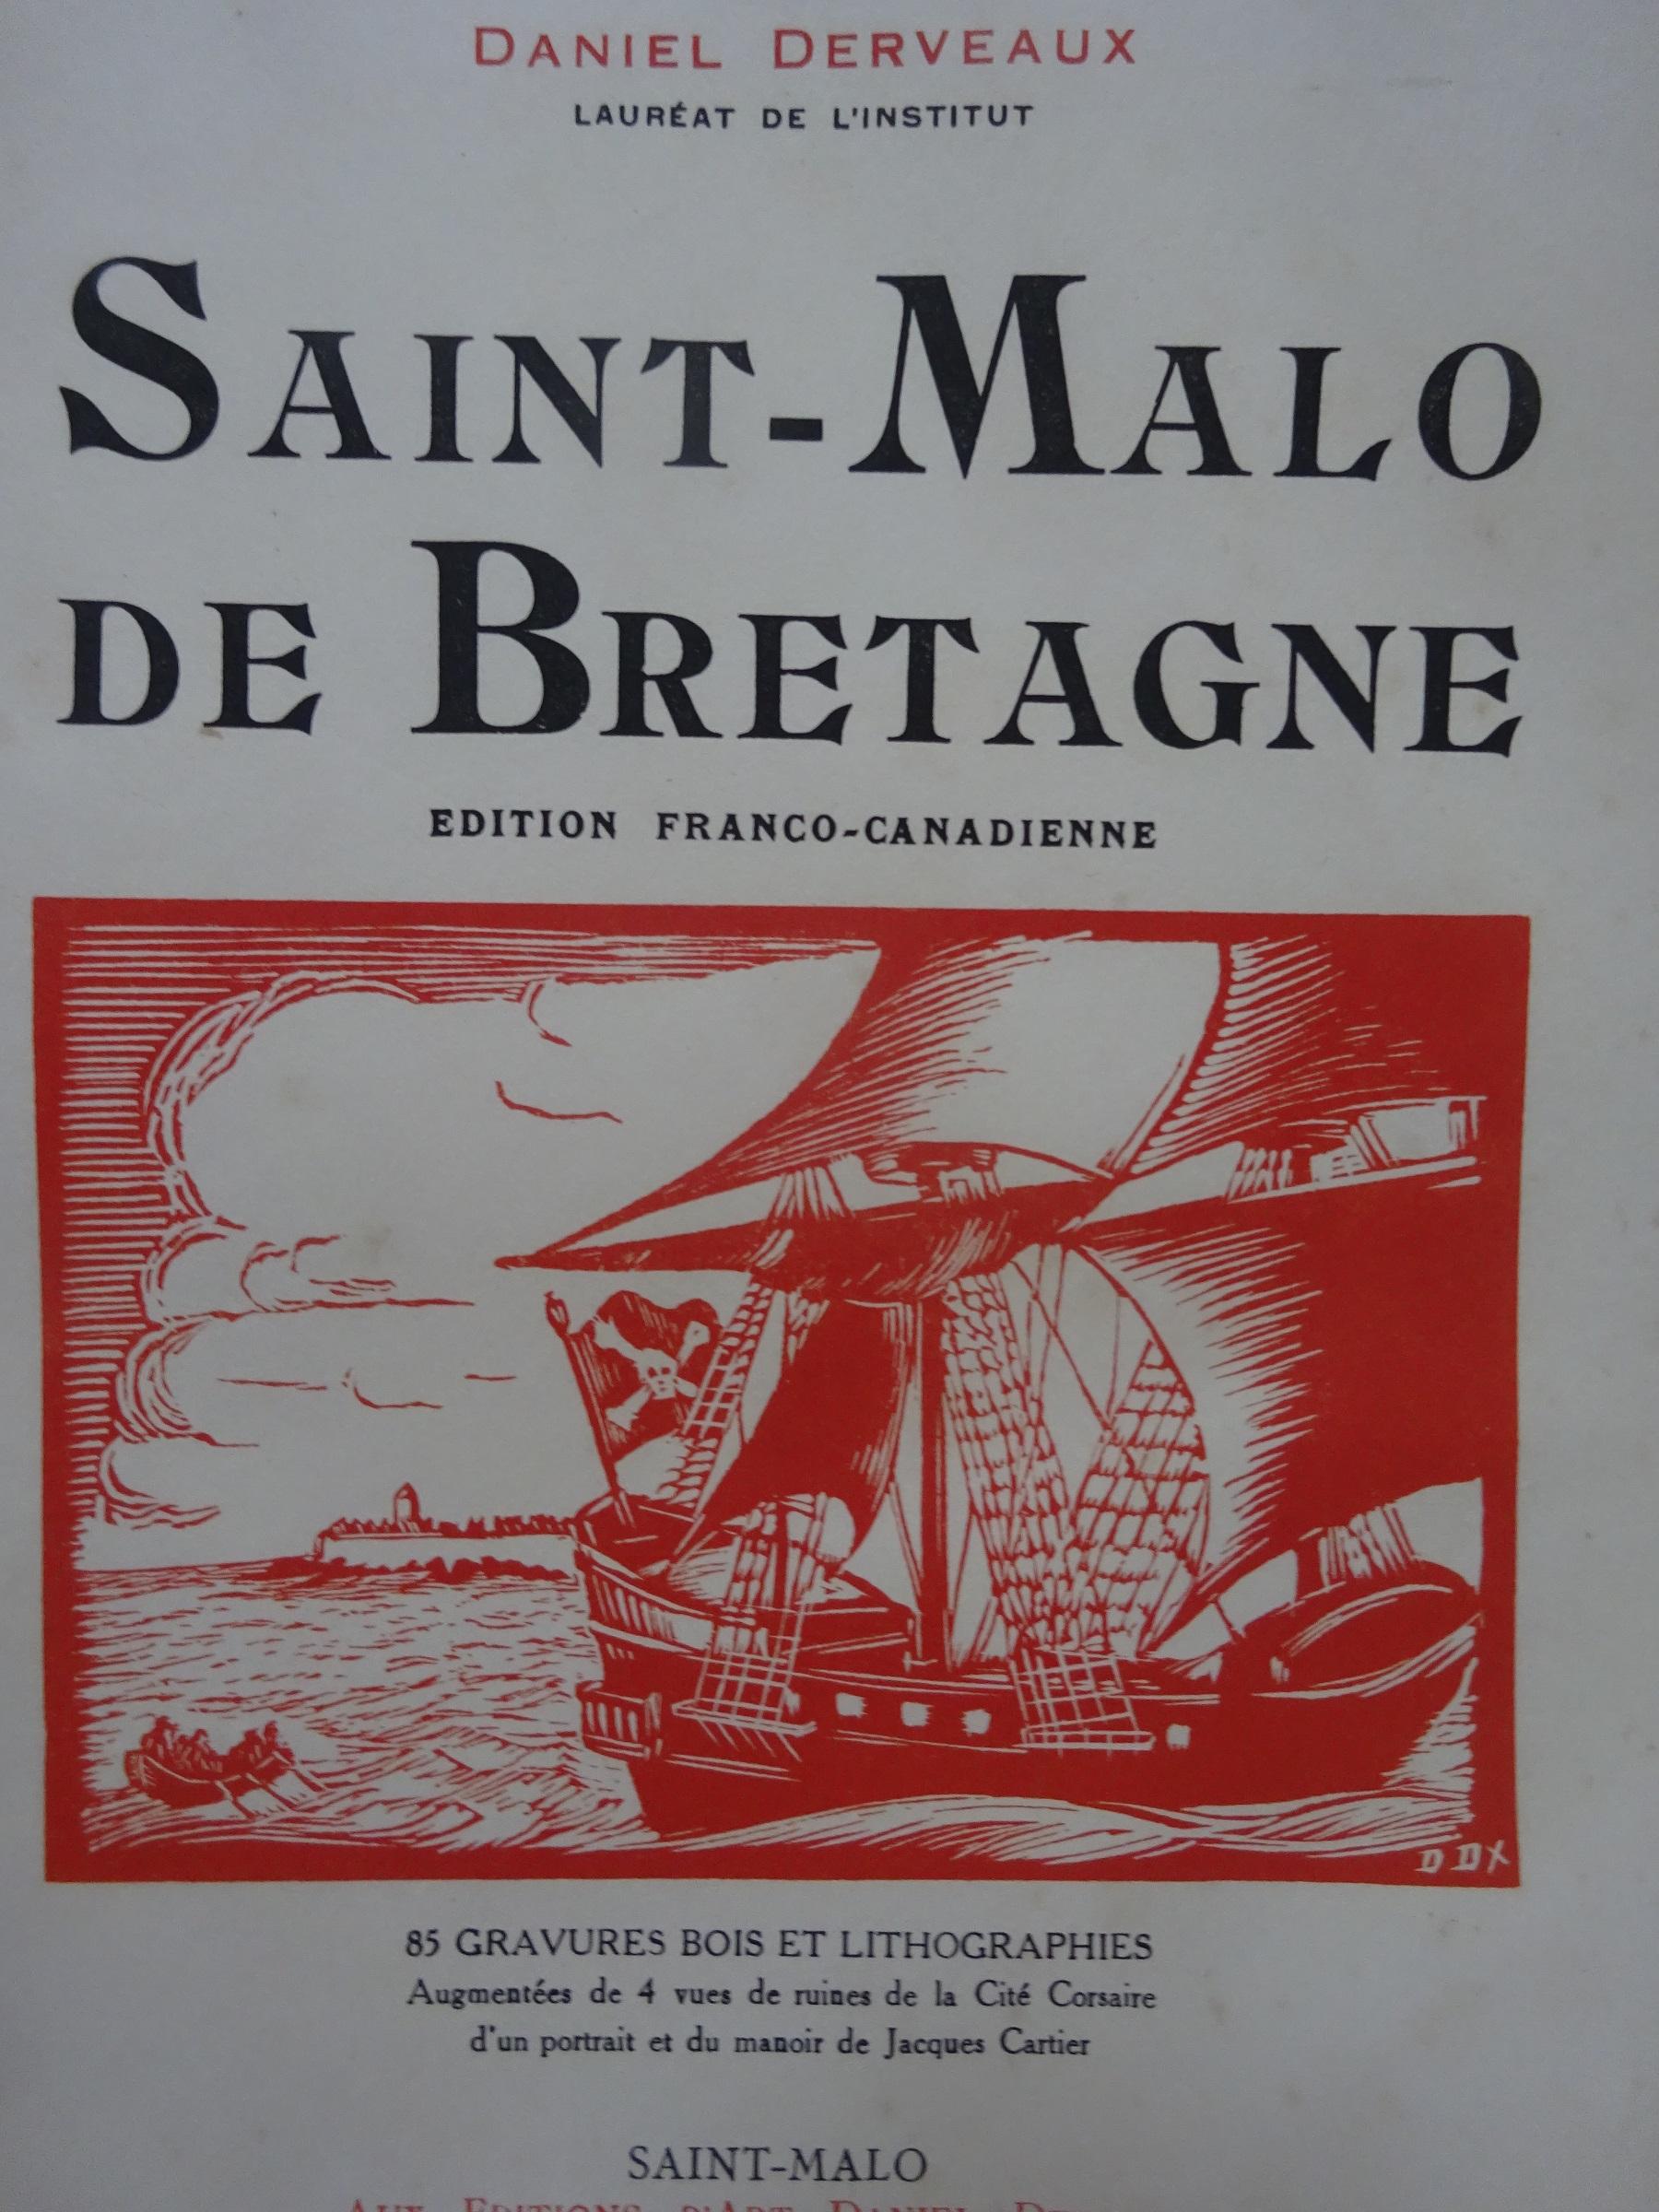 Saint-Malo de Bretagne